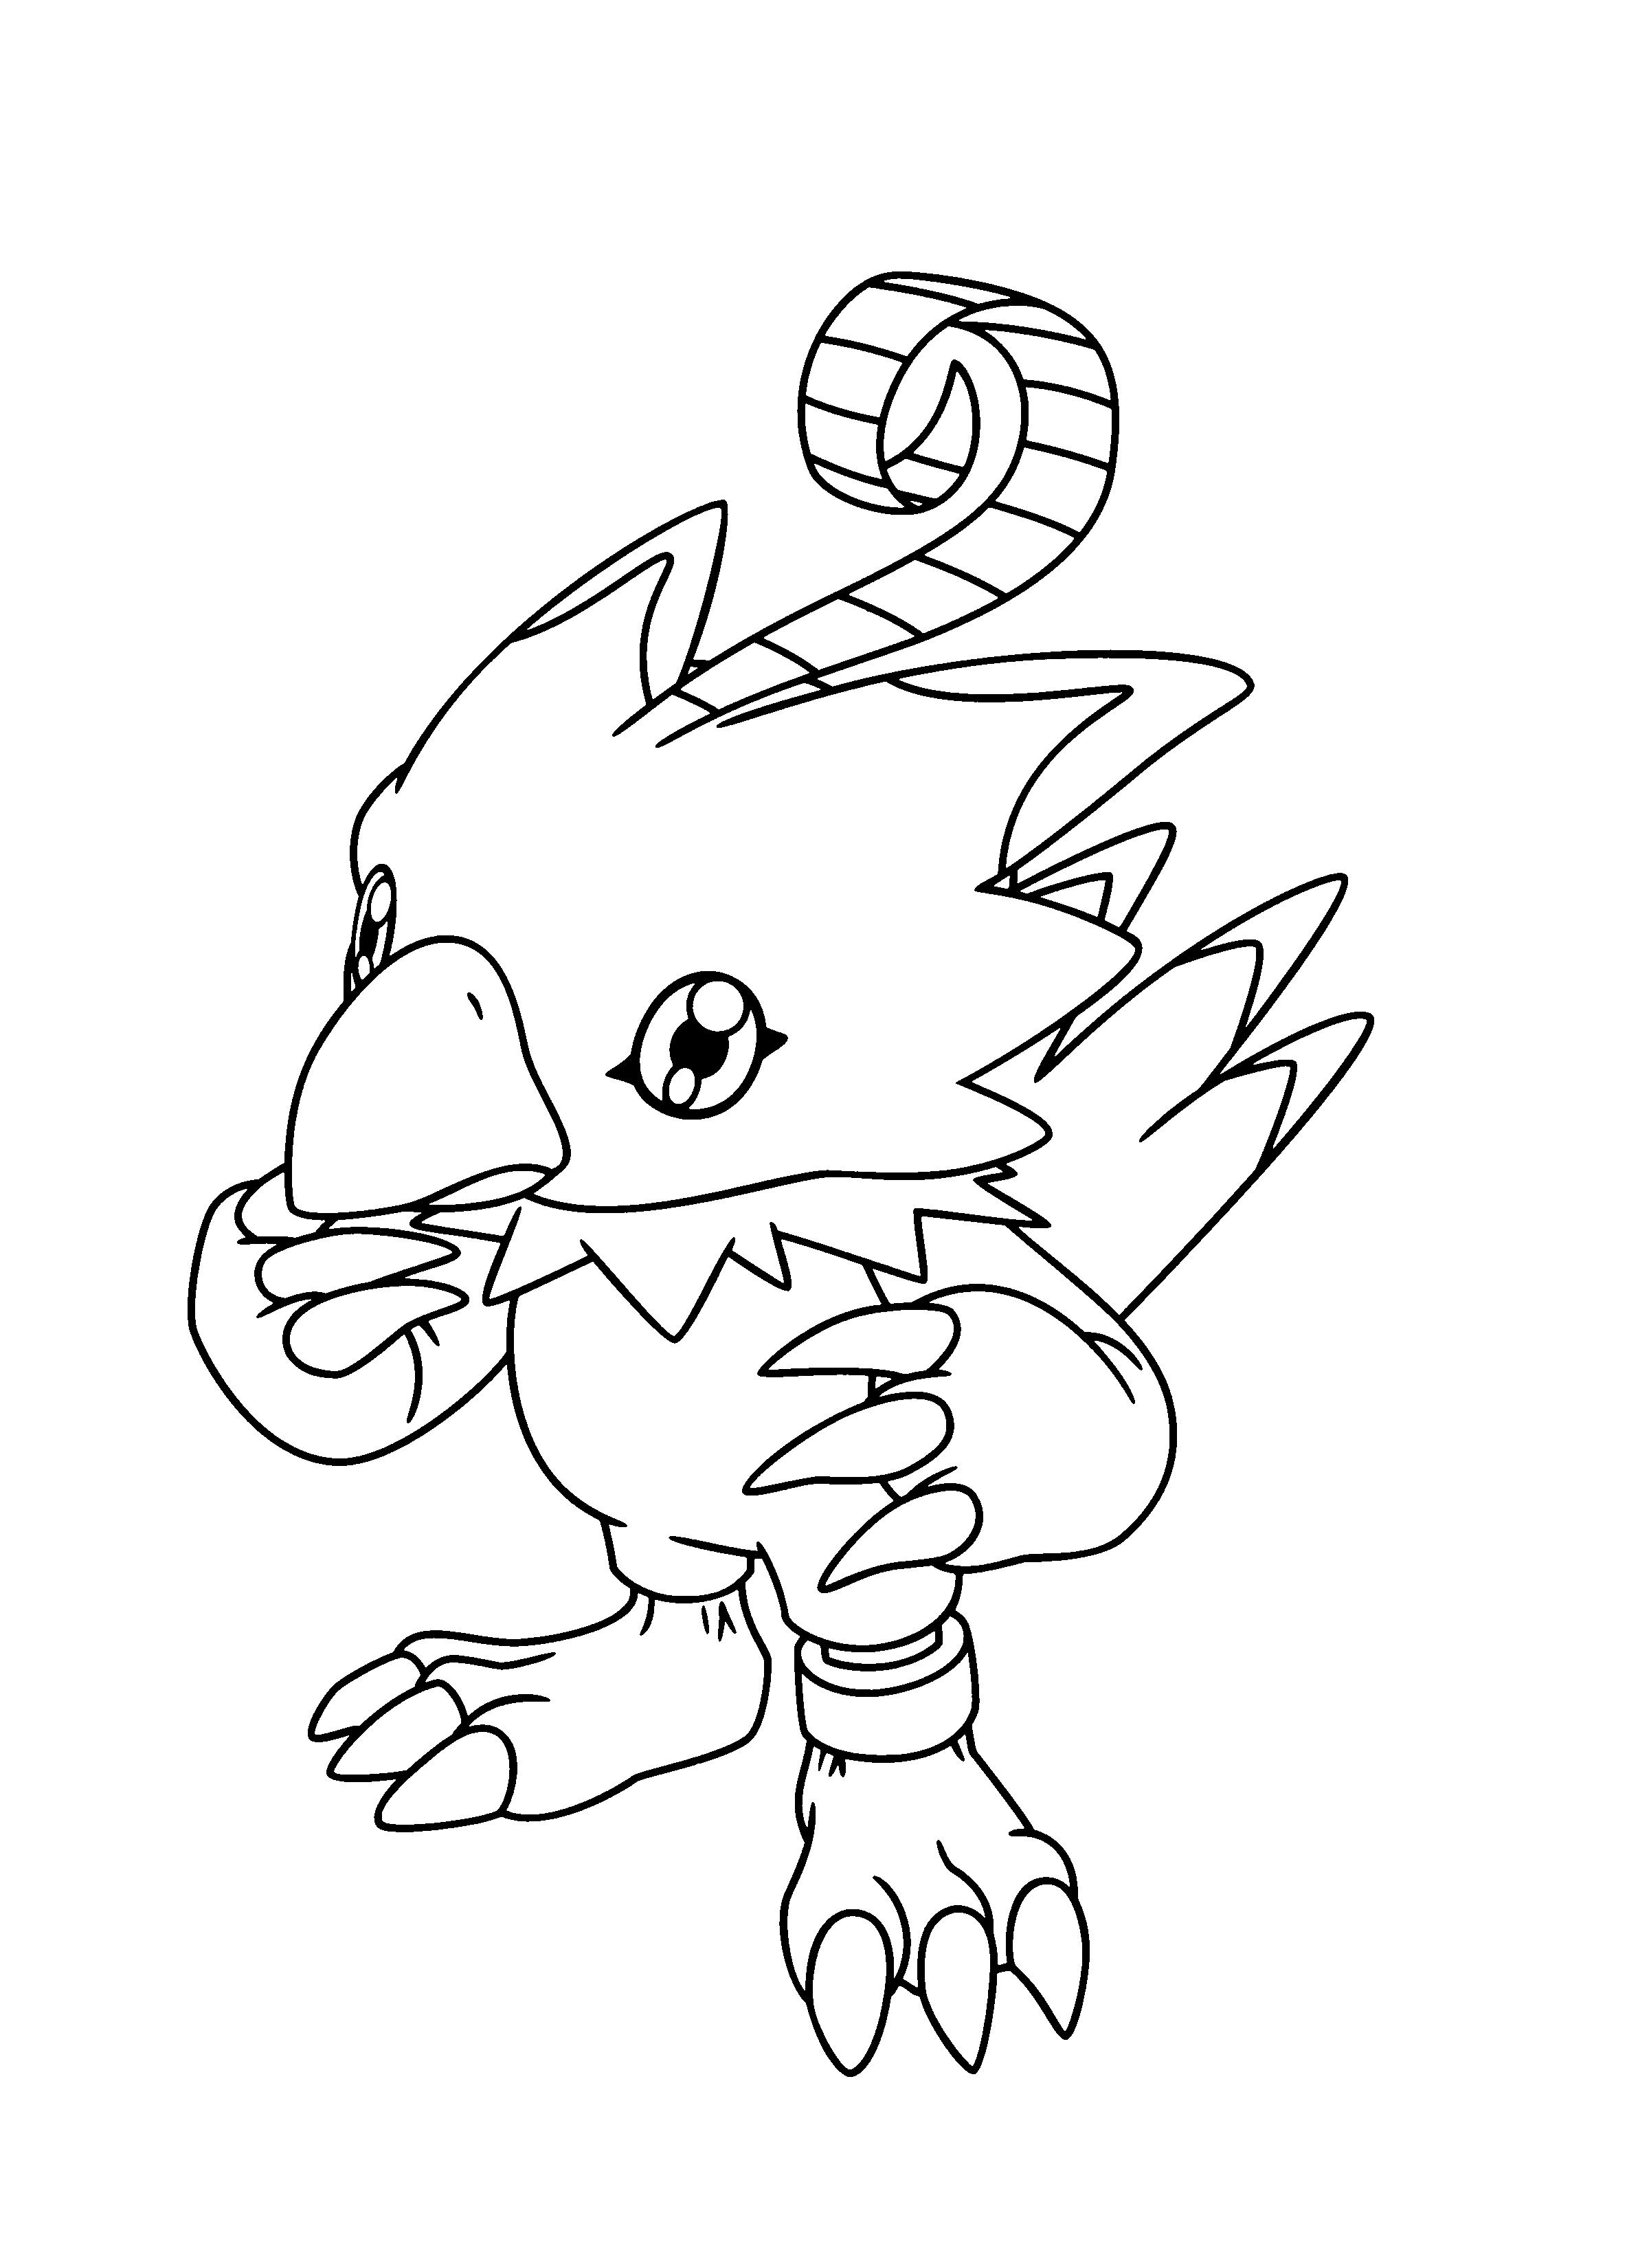 Malvorlage Digimon Malvorlagen 123